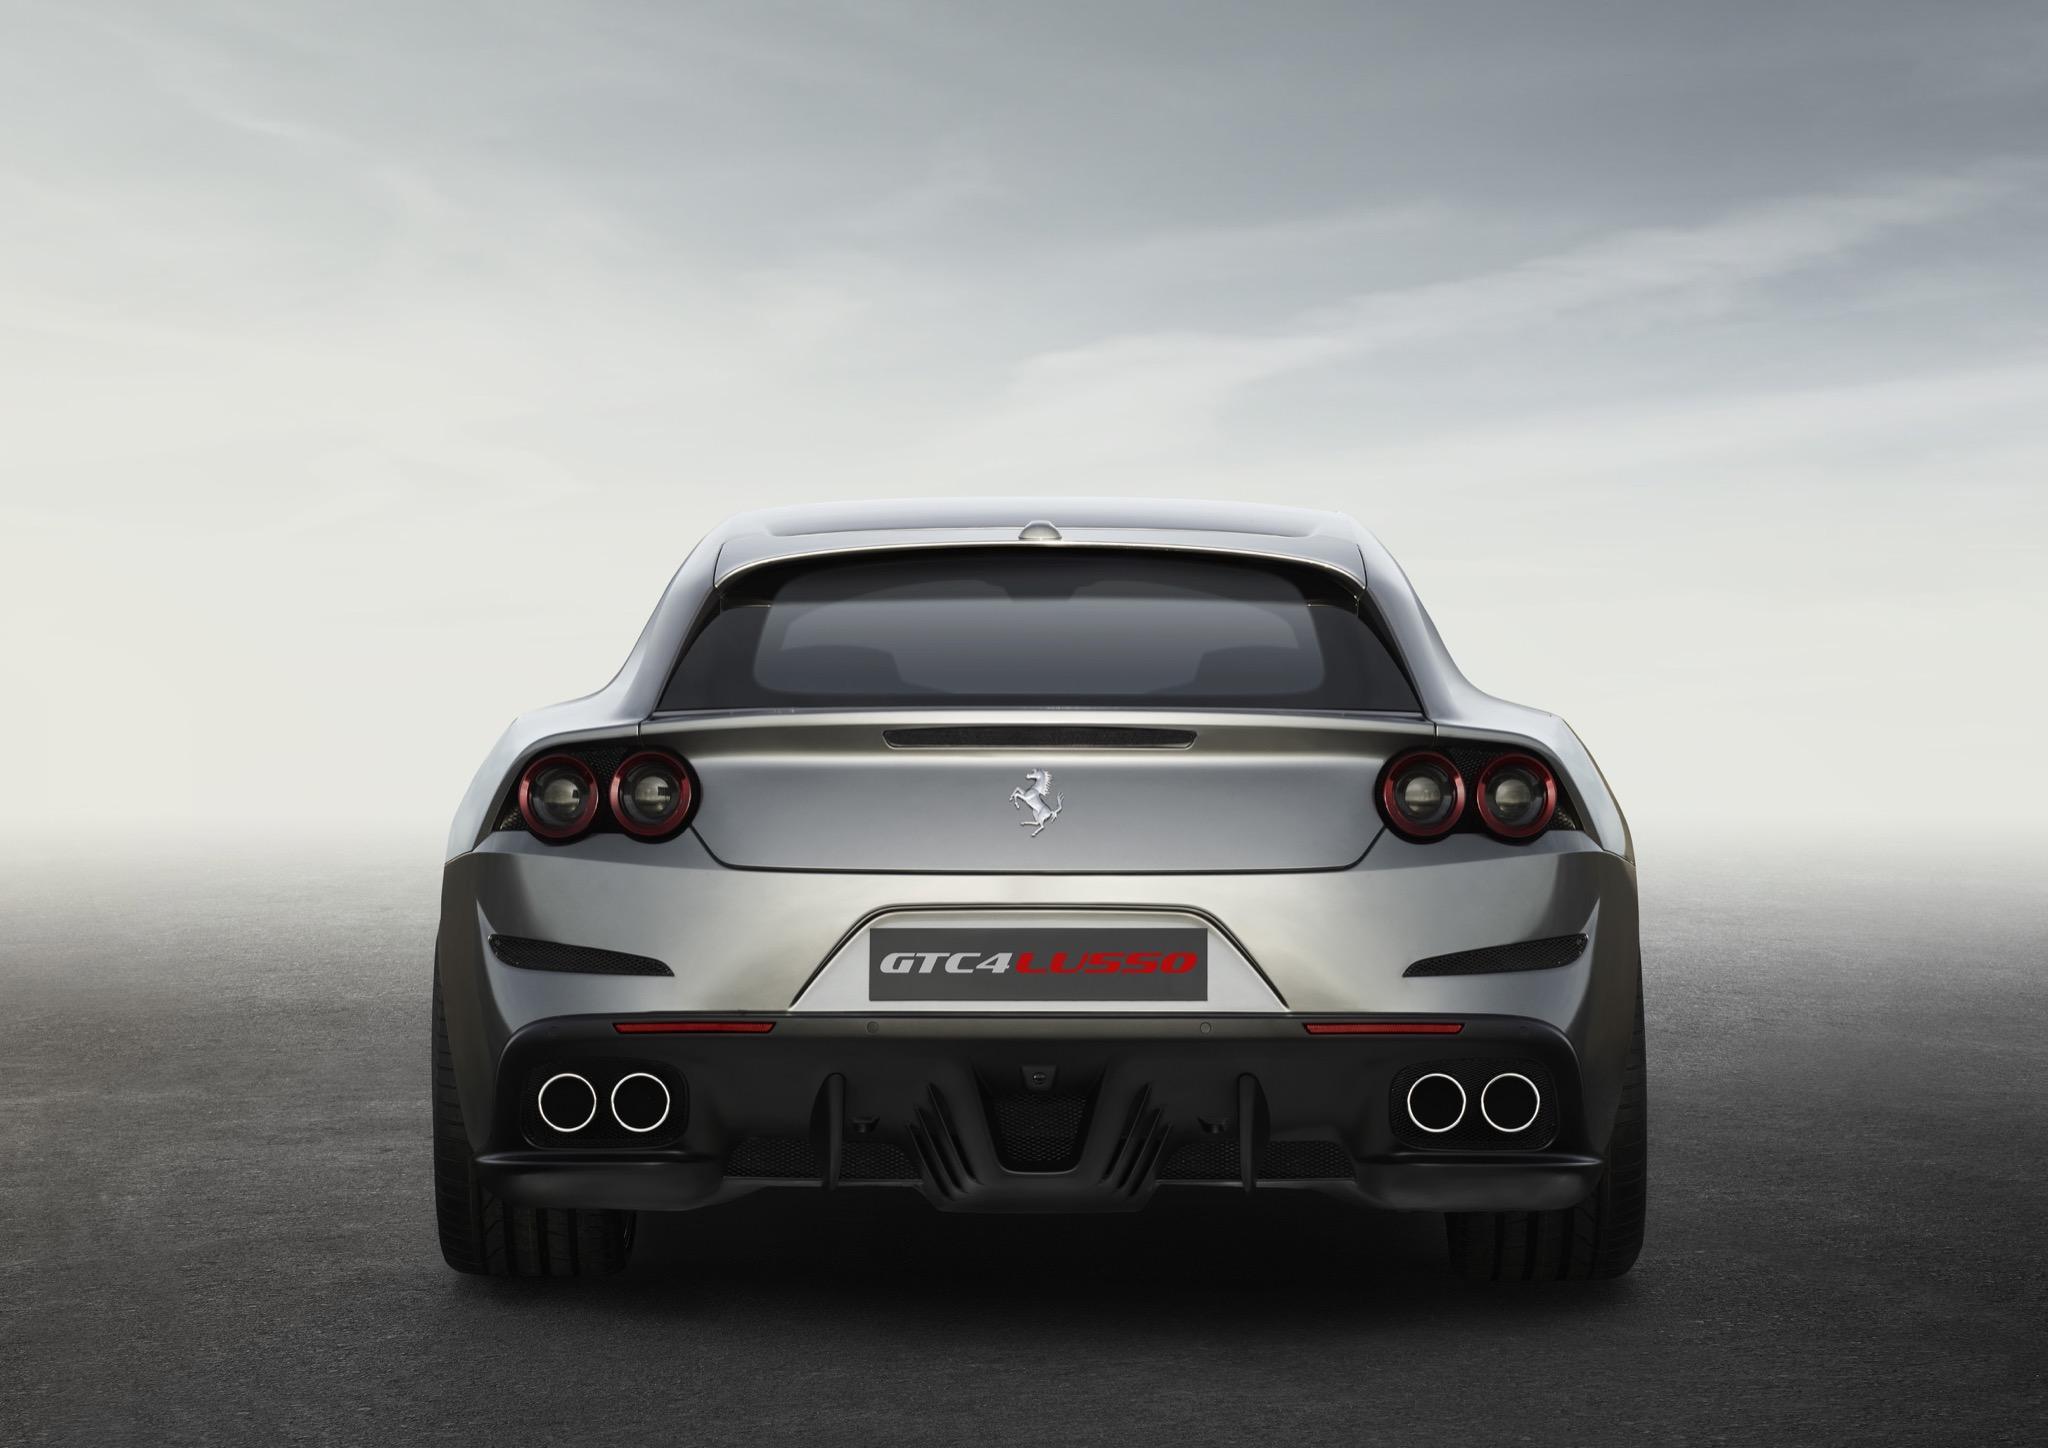 FerrariGTC4Lusso 06